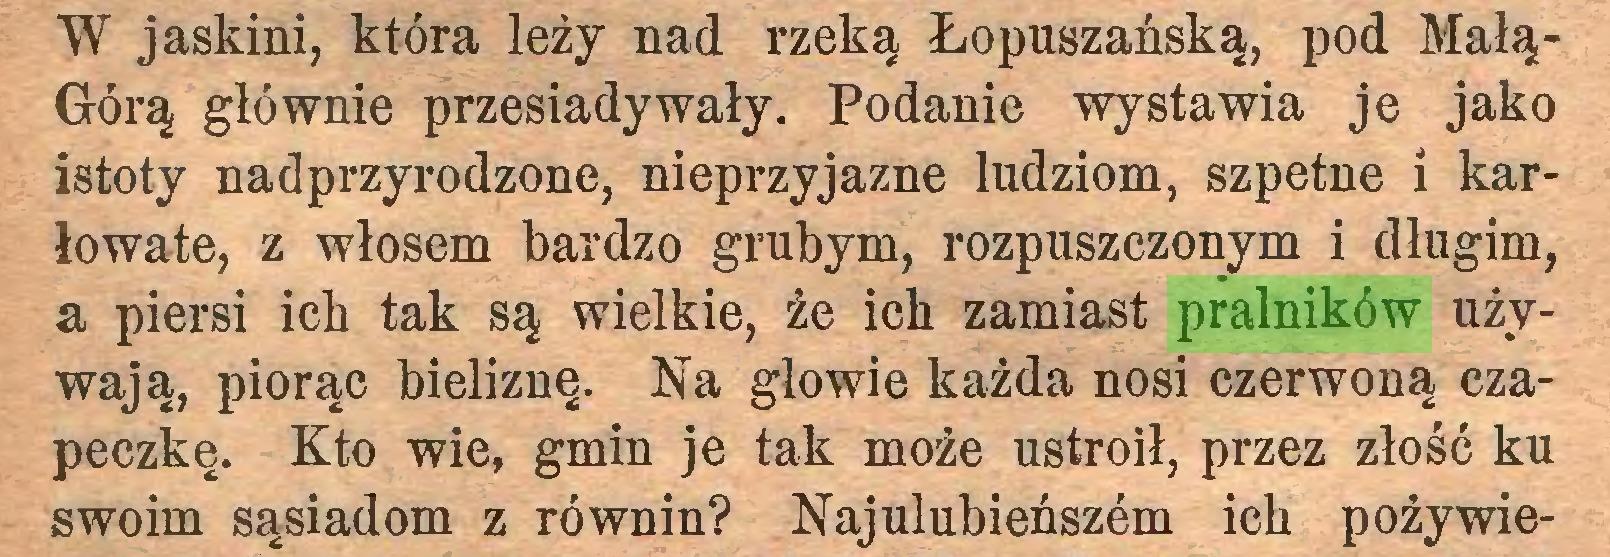 (...) W jaskini, która leży nad rzeką Łopuszańską, pod MałąGórą głównie przesiadywały. Podanie wystawia je jako istoty nadprzyrodzone, nieprzyjazne ludziom, szpetne i karłowate, z włosem bardzo grubym, rozpuszczonym i długim, a piersi ich tak są wielkie, że ich zamiast pralników używają, piorąc bieliznę. Na głowie każda nosi czerwoną czapeczkę. Kto wie, gmin je tak może ustroił, przez złość ku swoim sąsiadom z równin? Najulubieńszem ich pożywie...